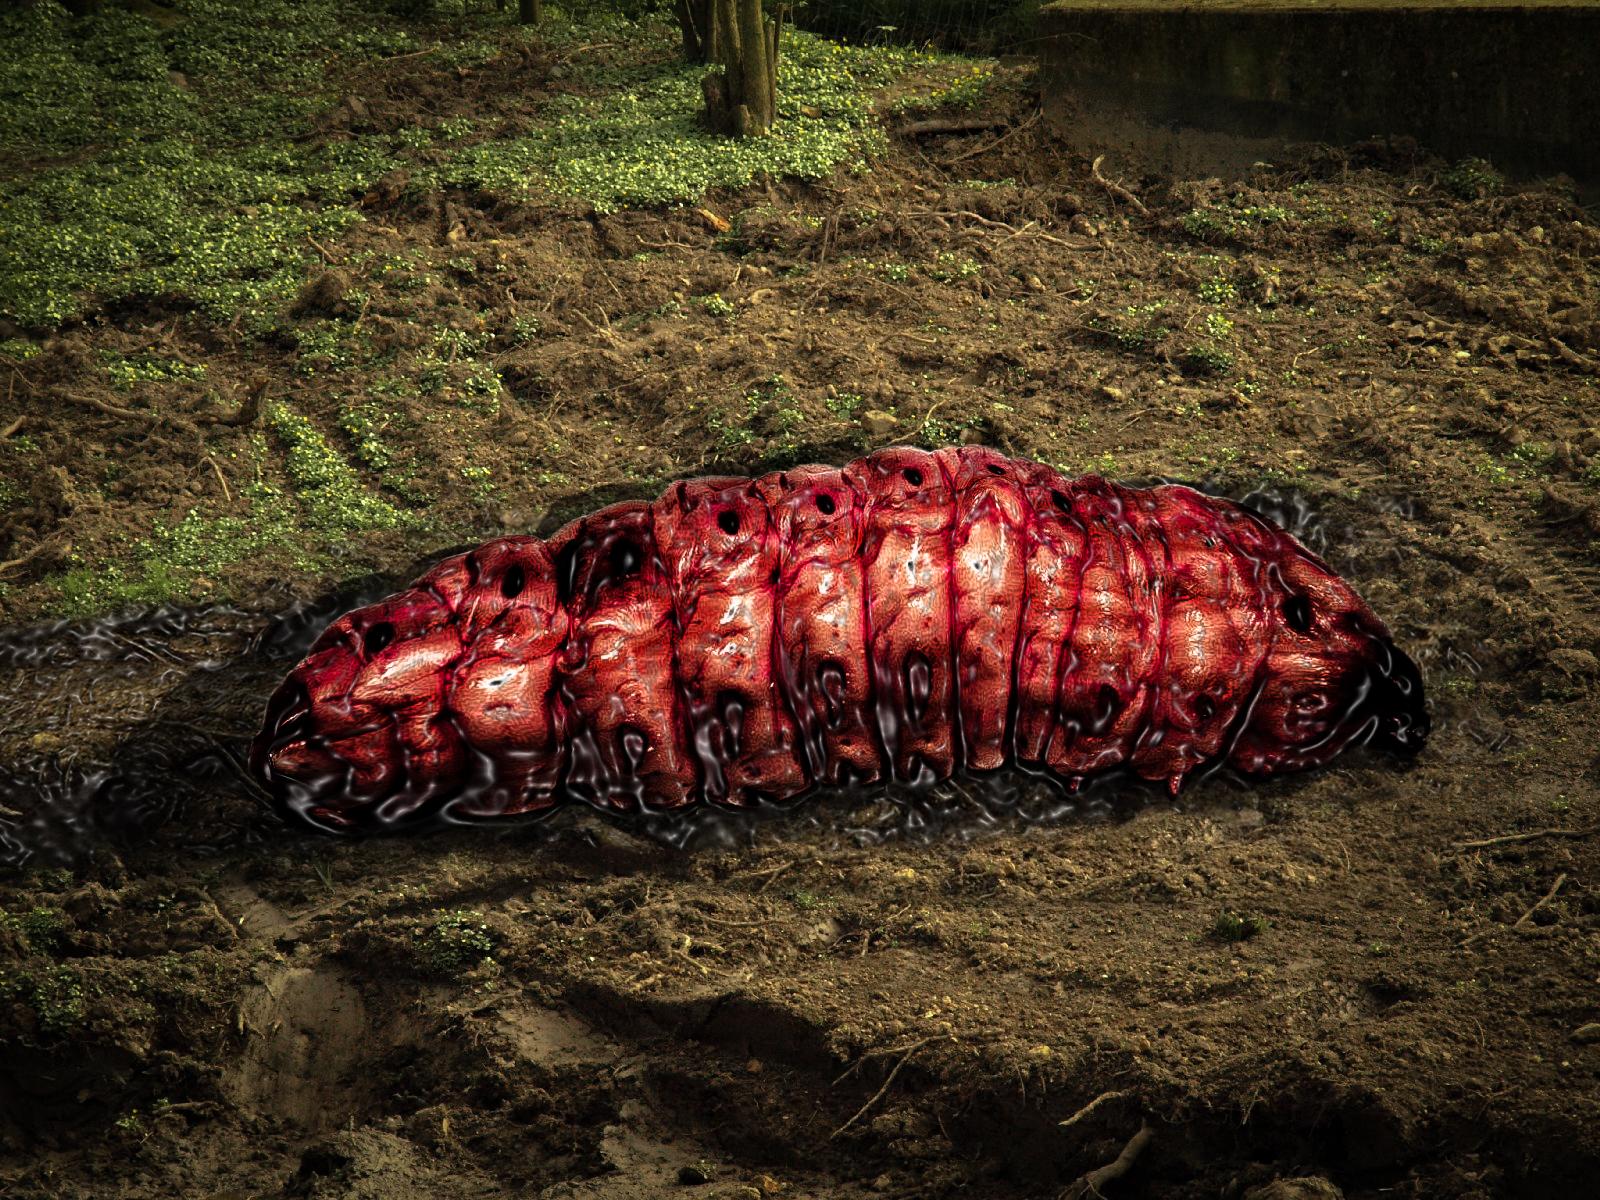 azologoth worm